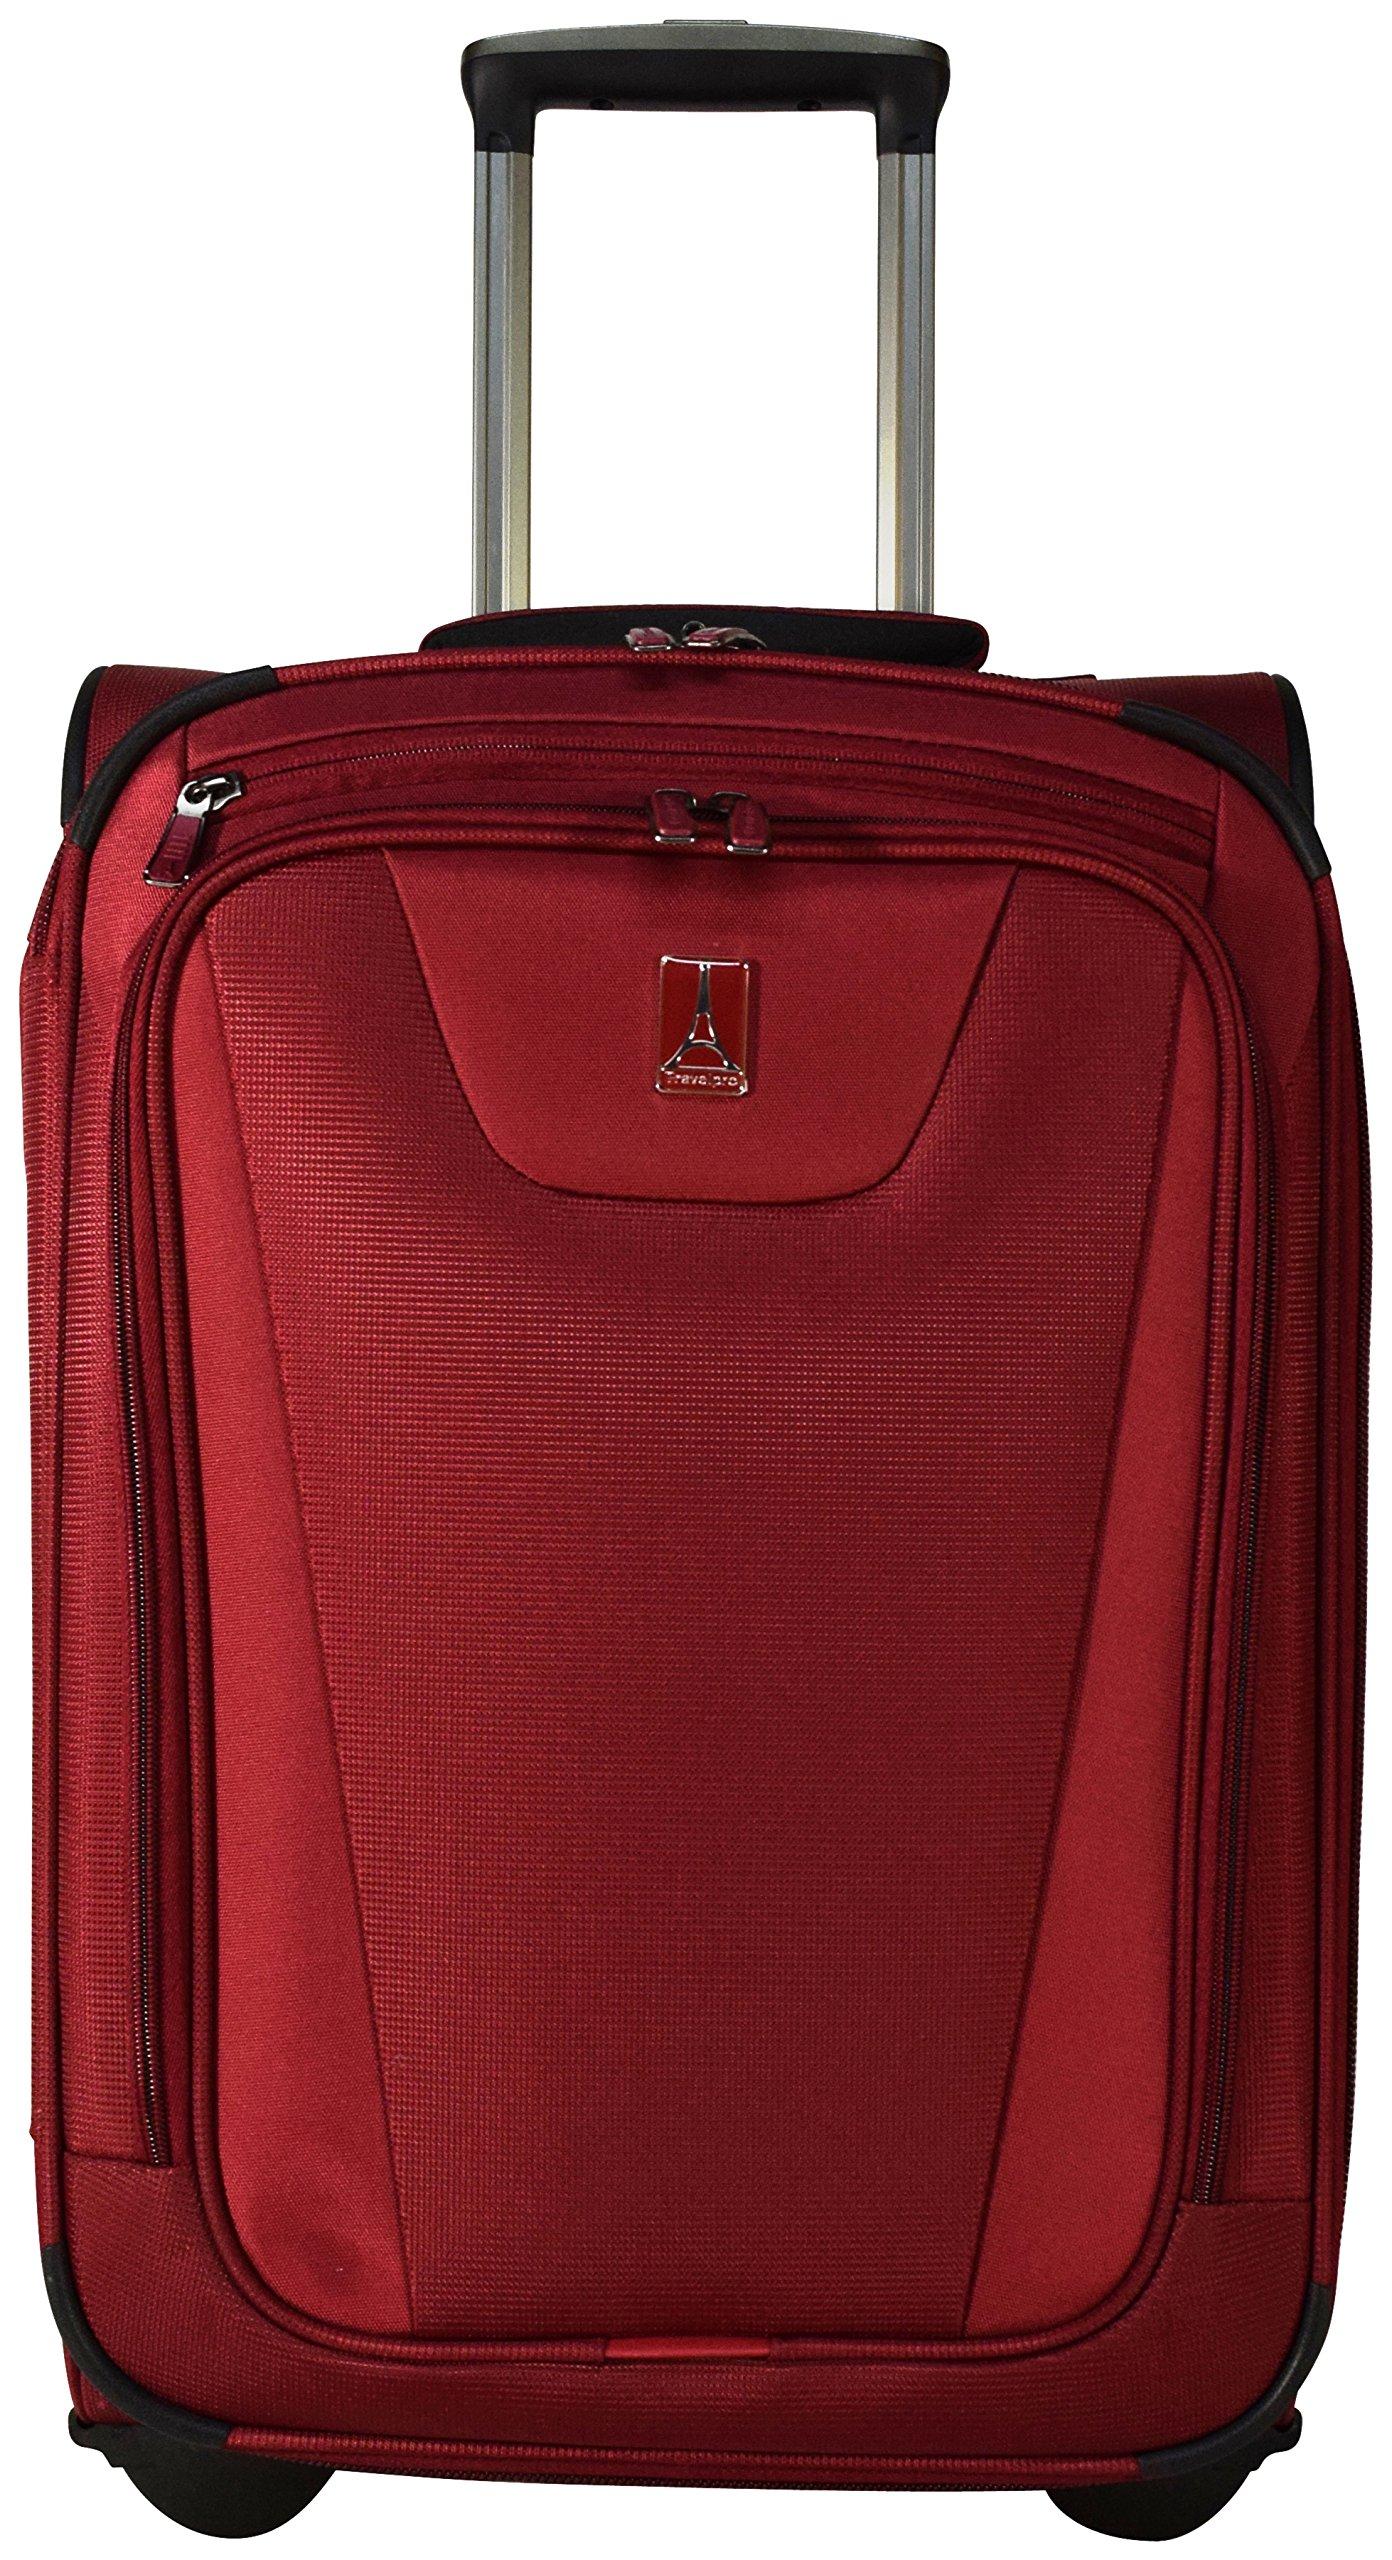 Travelpro Maxlite 4 22 Quot Expandable Rollaboard Suitcase Merlot Amazon